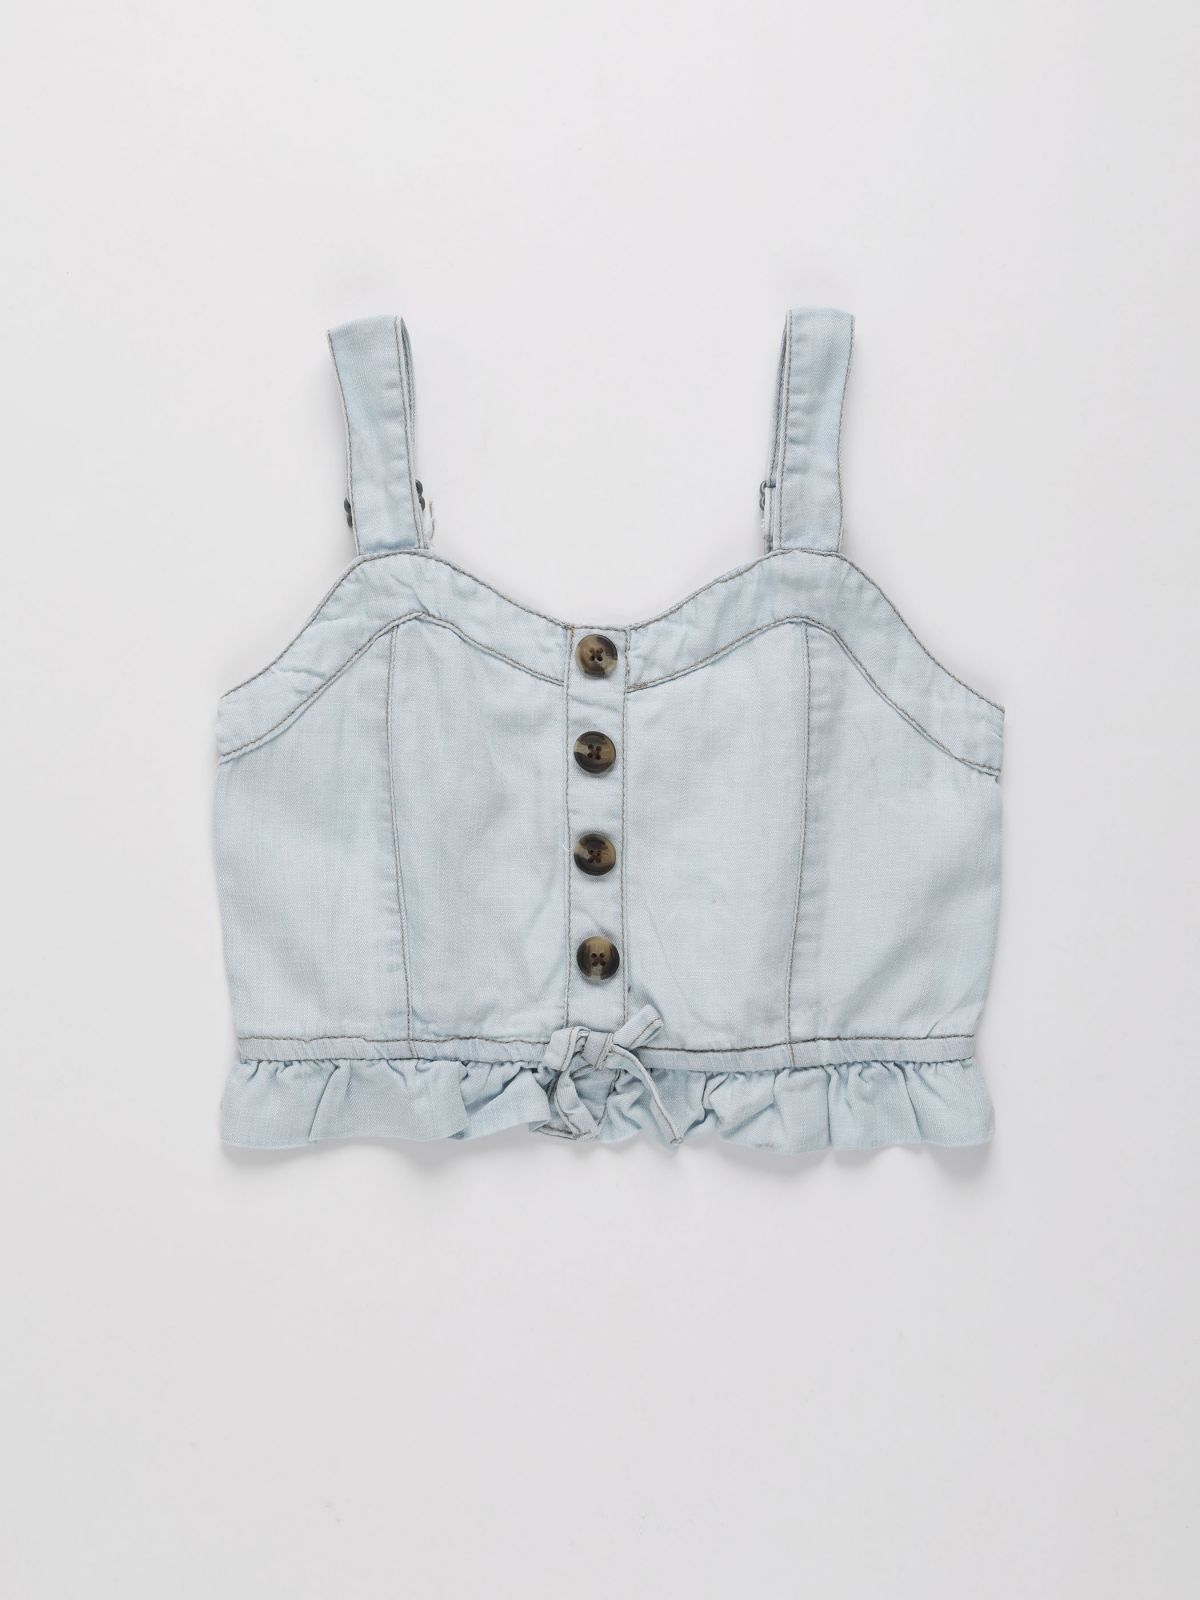 גופייה בסגנון ג'ינס עם כפתורים / בנותגופייה בסגנון ג'ינס עם כפתורים / בנות של AMERICAN EAGLE